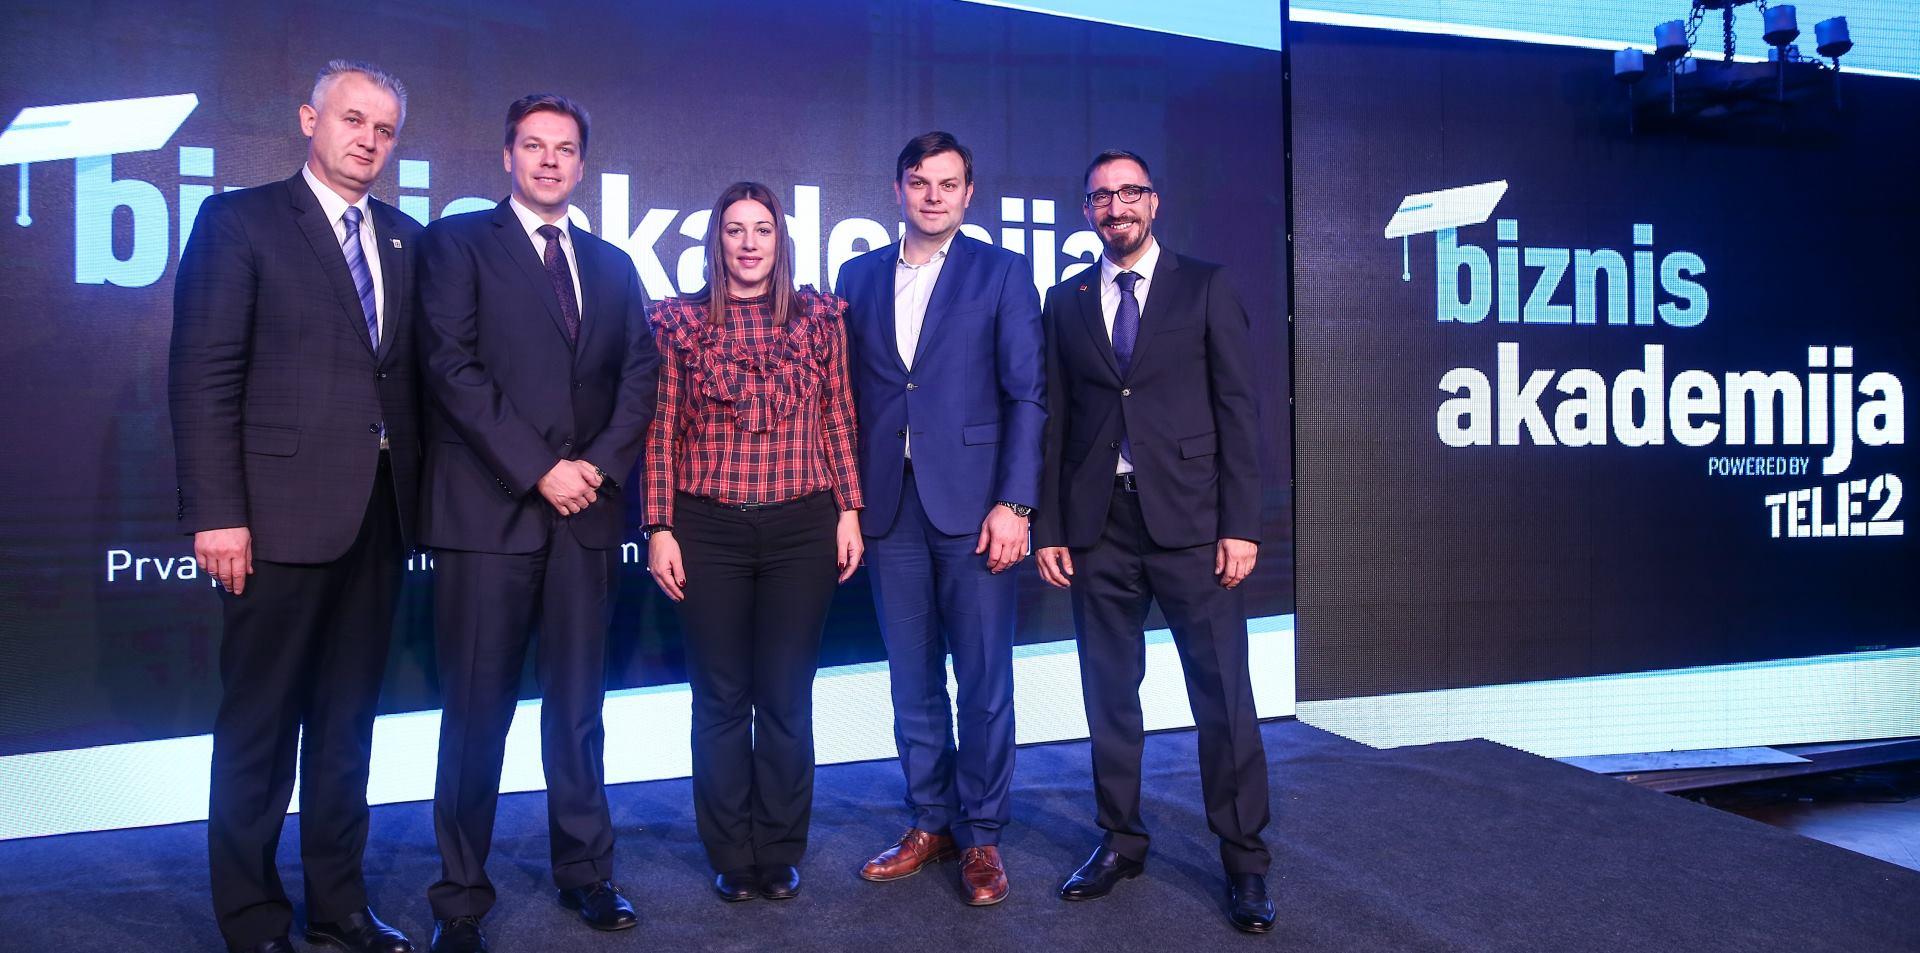 Tele2 predstavio edukacijsku platformu Biznis akademija